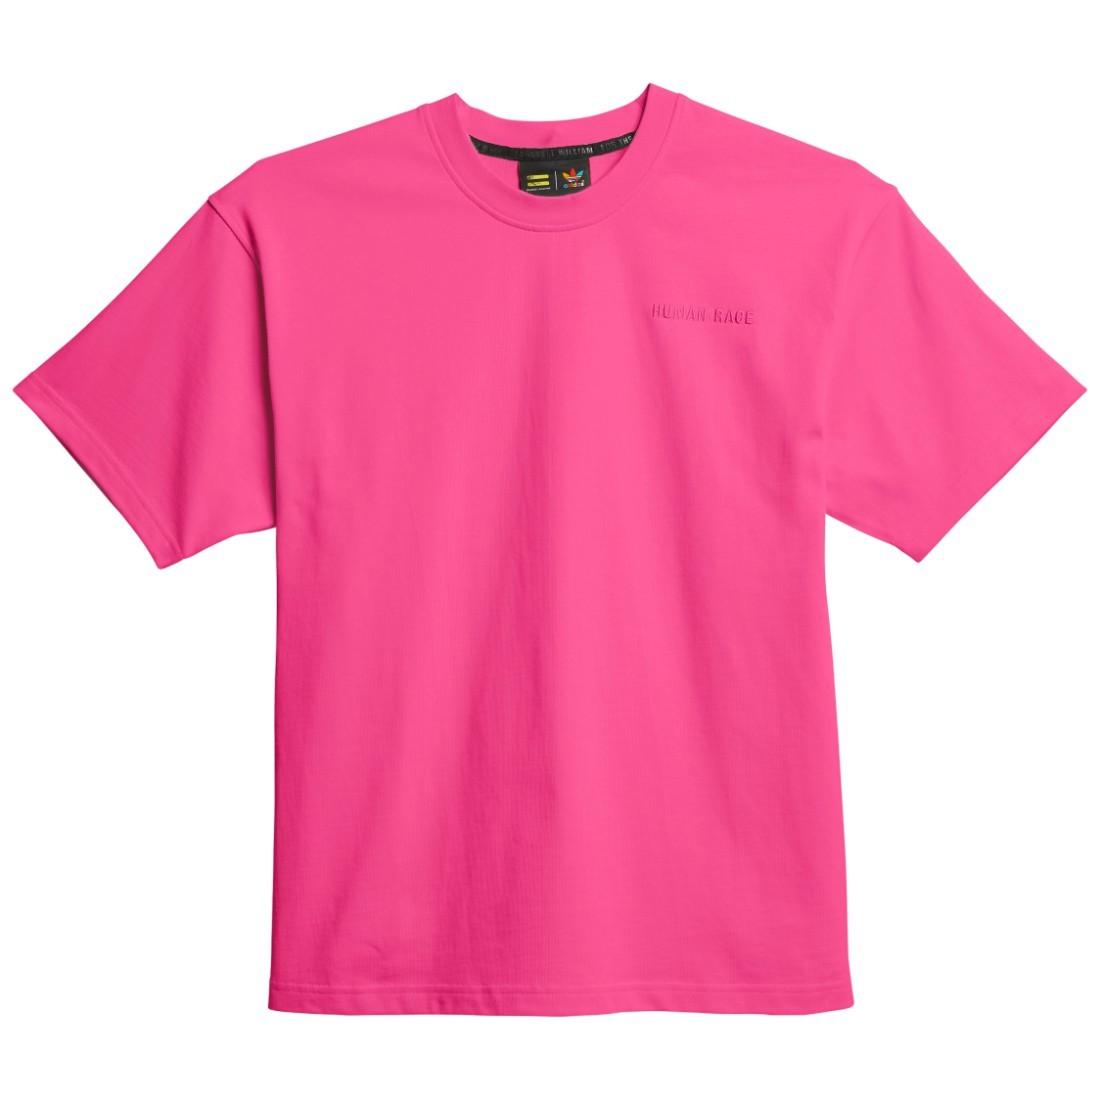 Adidas x Pharrell Williams Men Basics Shirt (pink / semi solar pink)